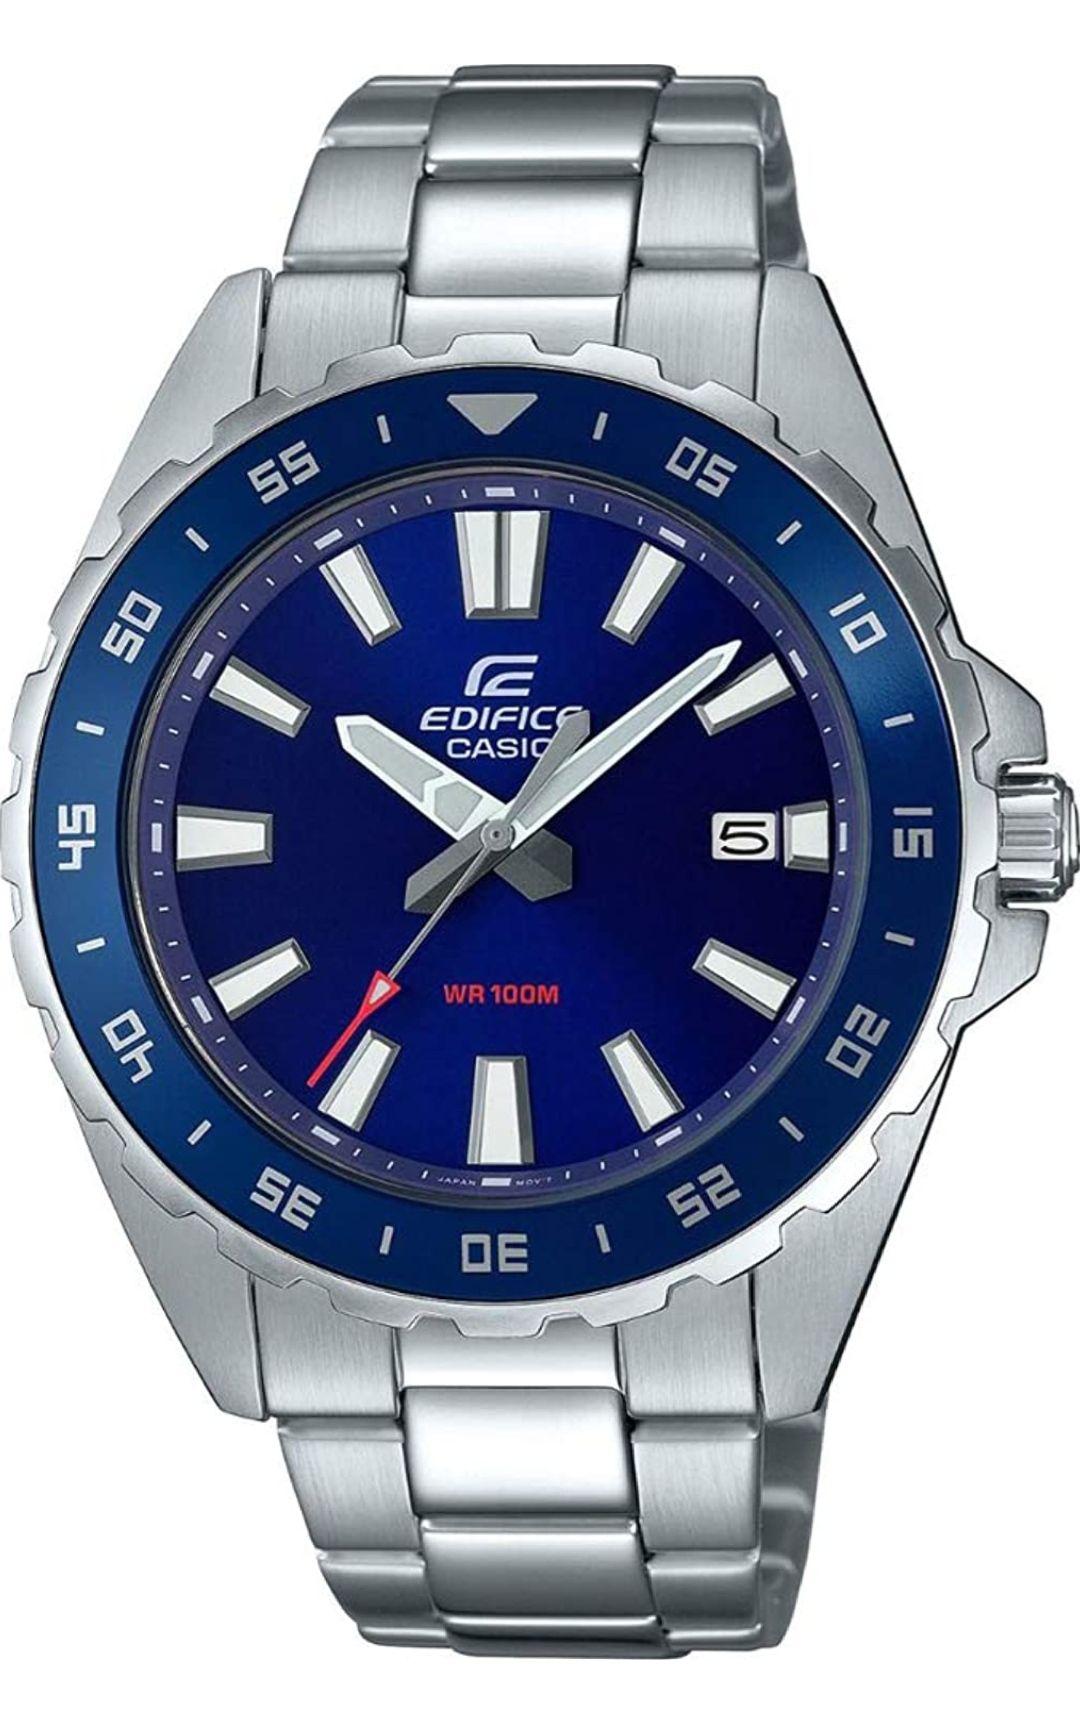 Casio EFV-130D - Reloj de Cuarzo con Correa de Acero Inoxidable